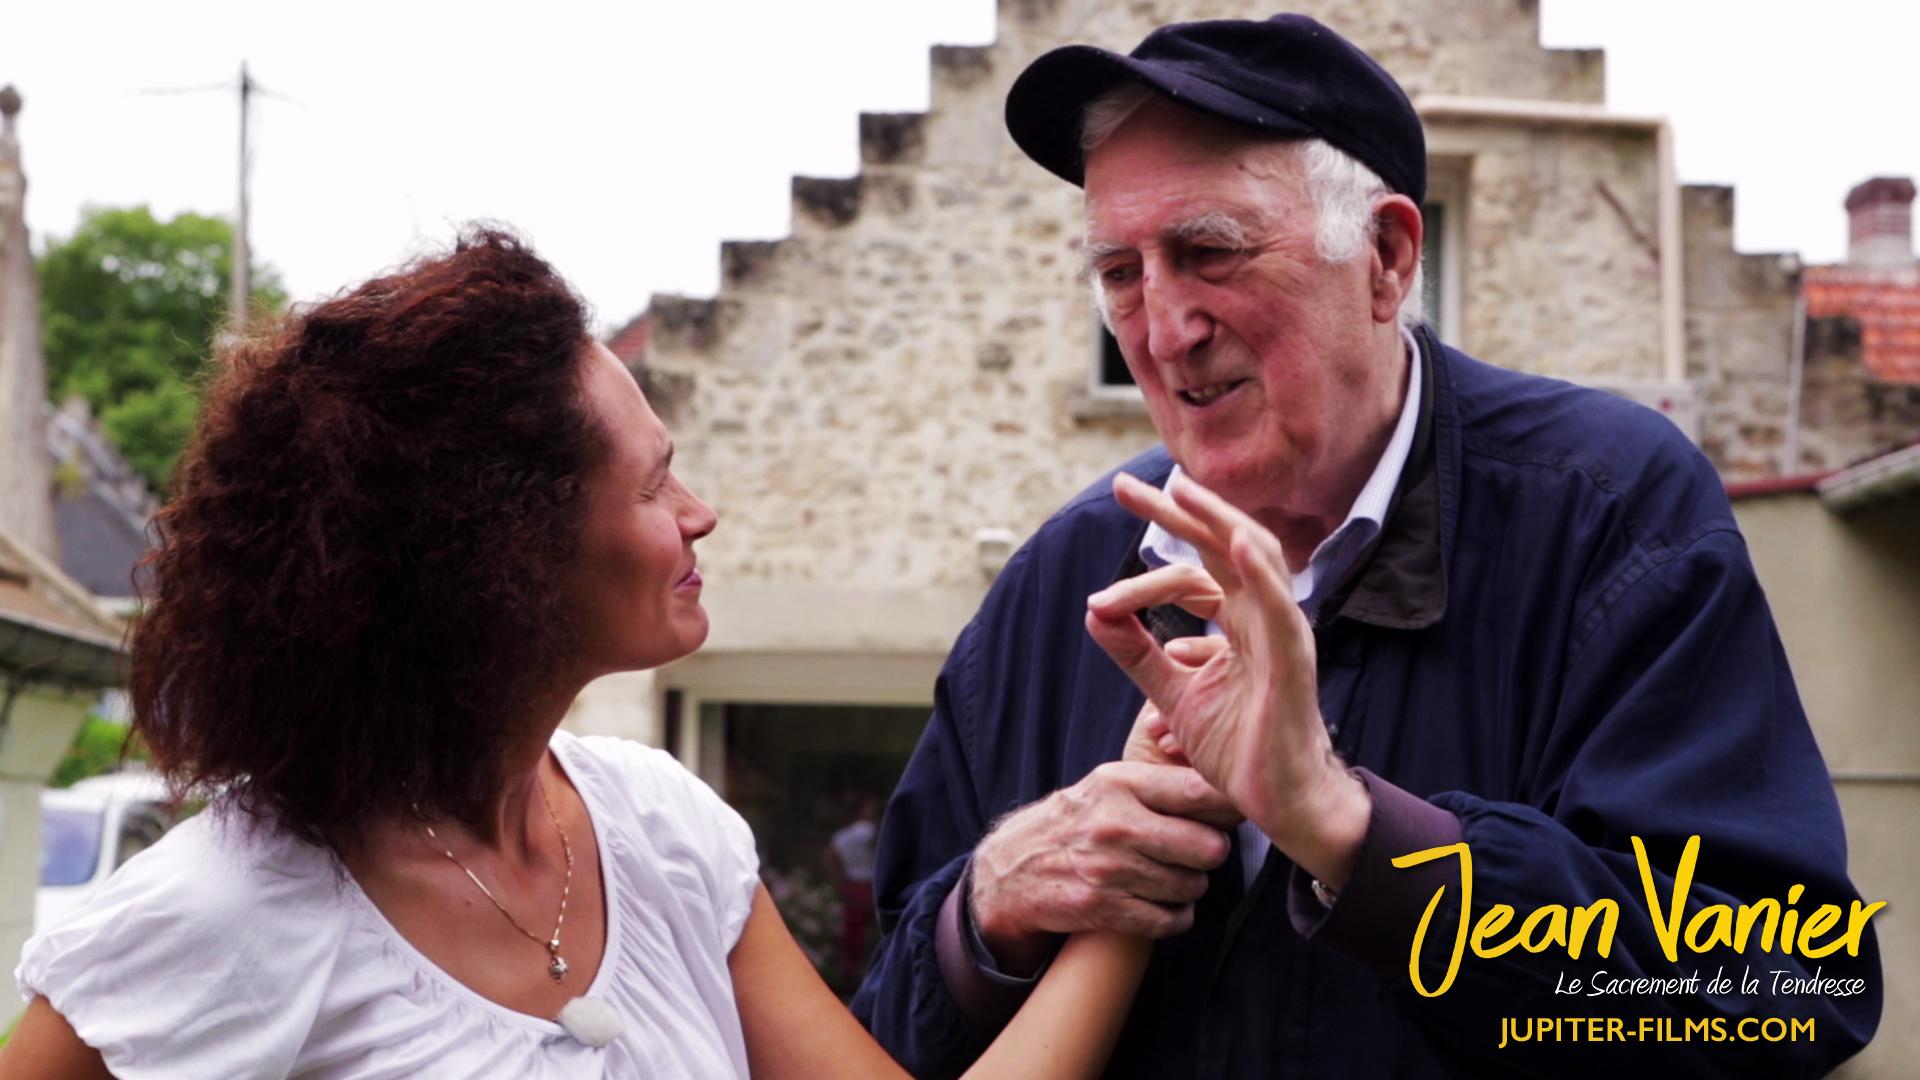 Réalisé par Frédérique Bedos le film, «Jean Vanier, le Sacrement de la Tendresse» sera diffusé au cinéma Rex de Fribourg, le vendredi 15 février à 17h30 (ouverture des portes à 17h).